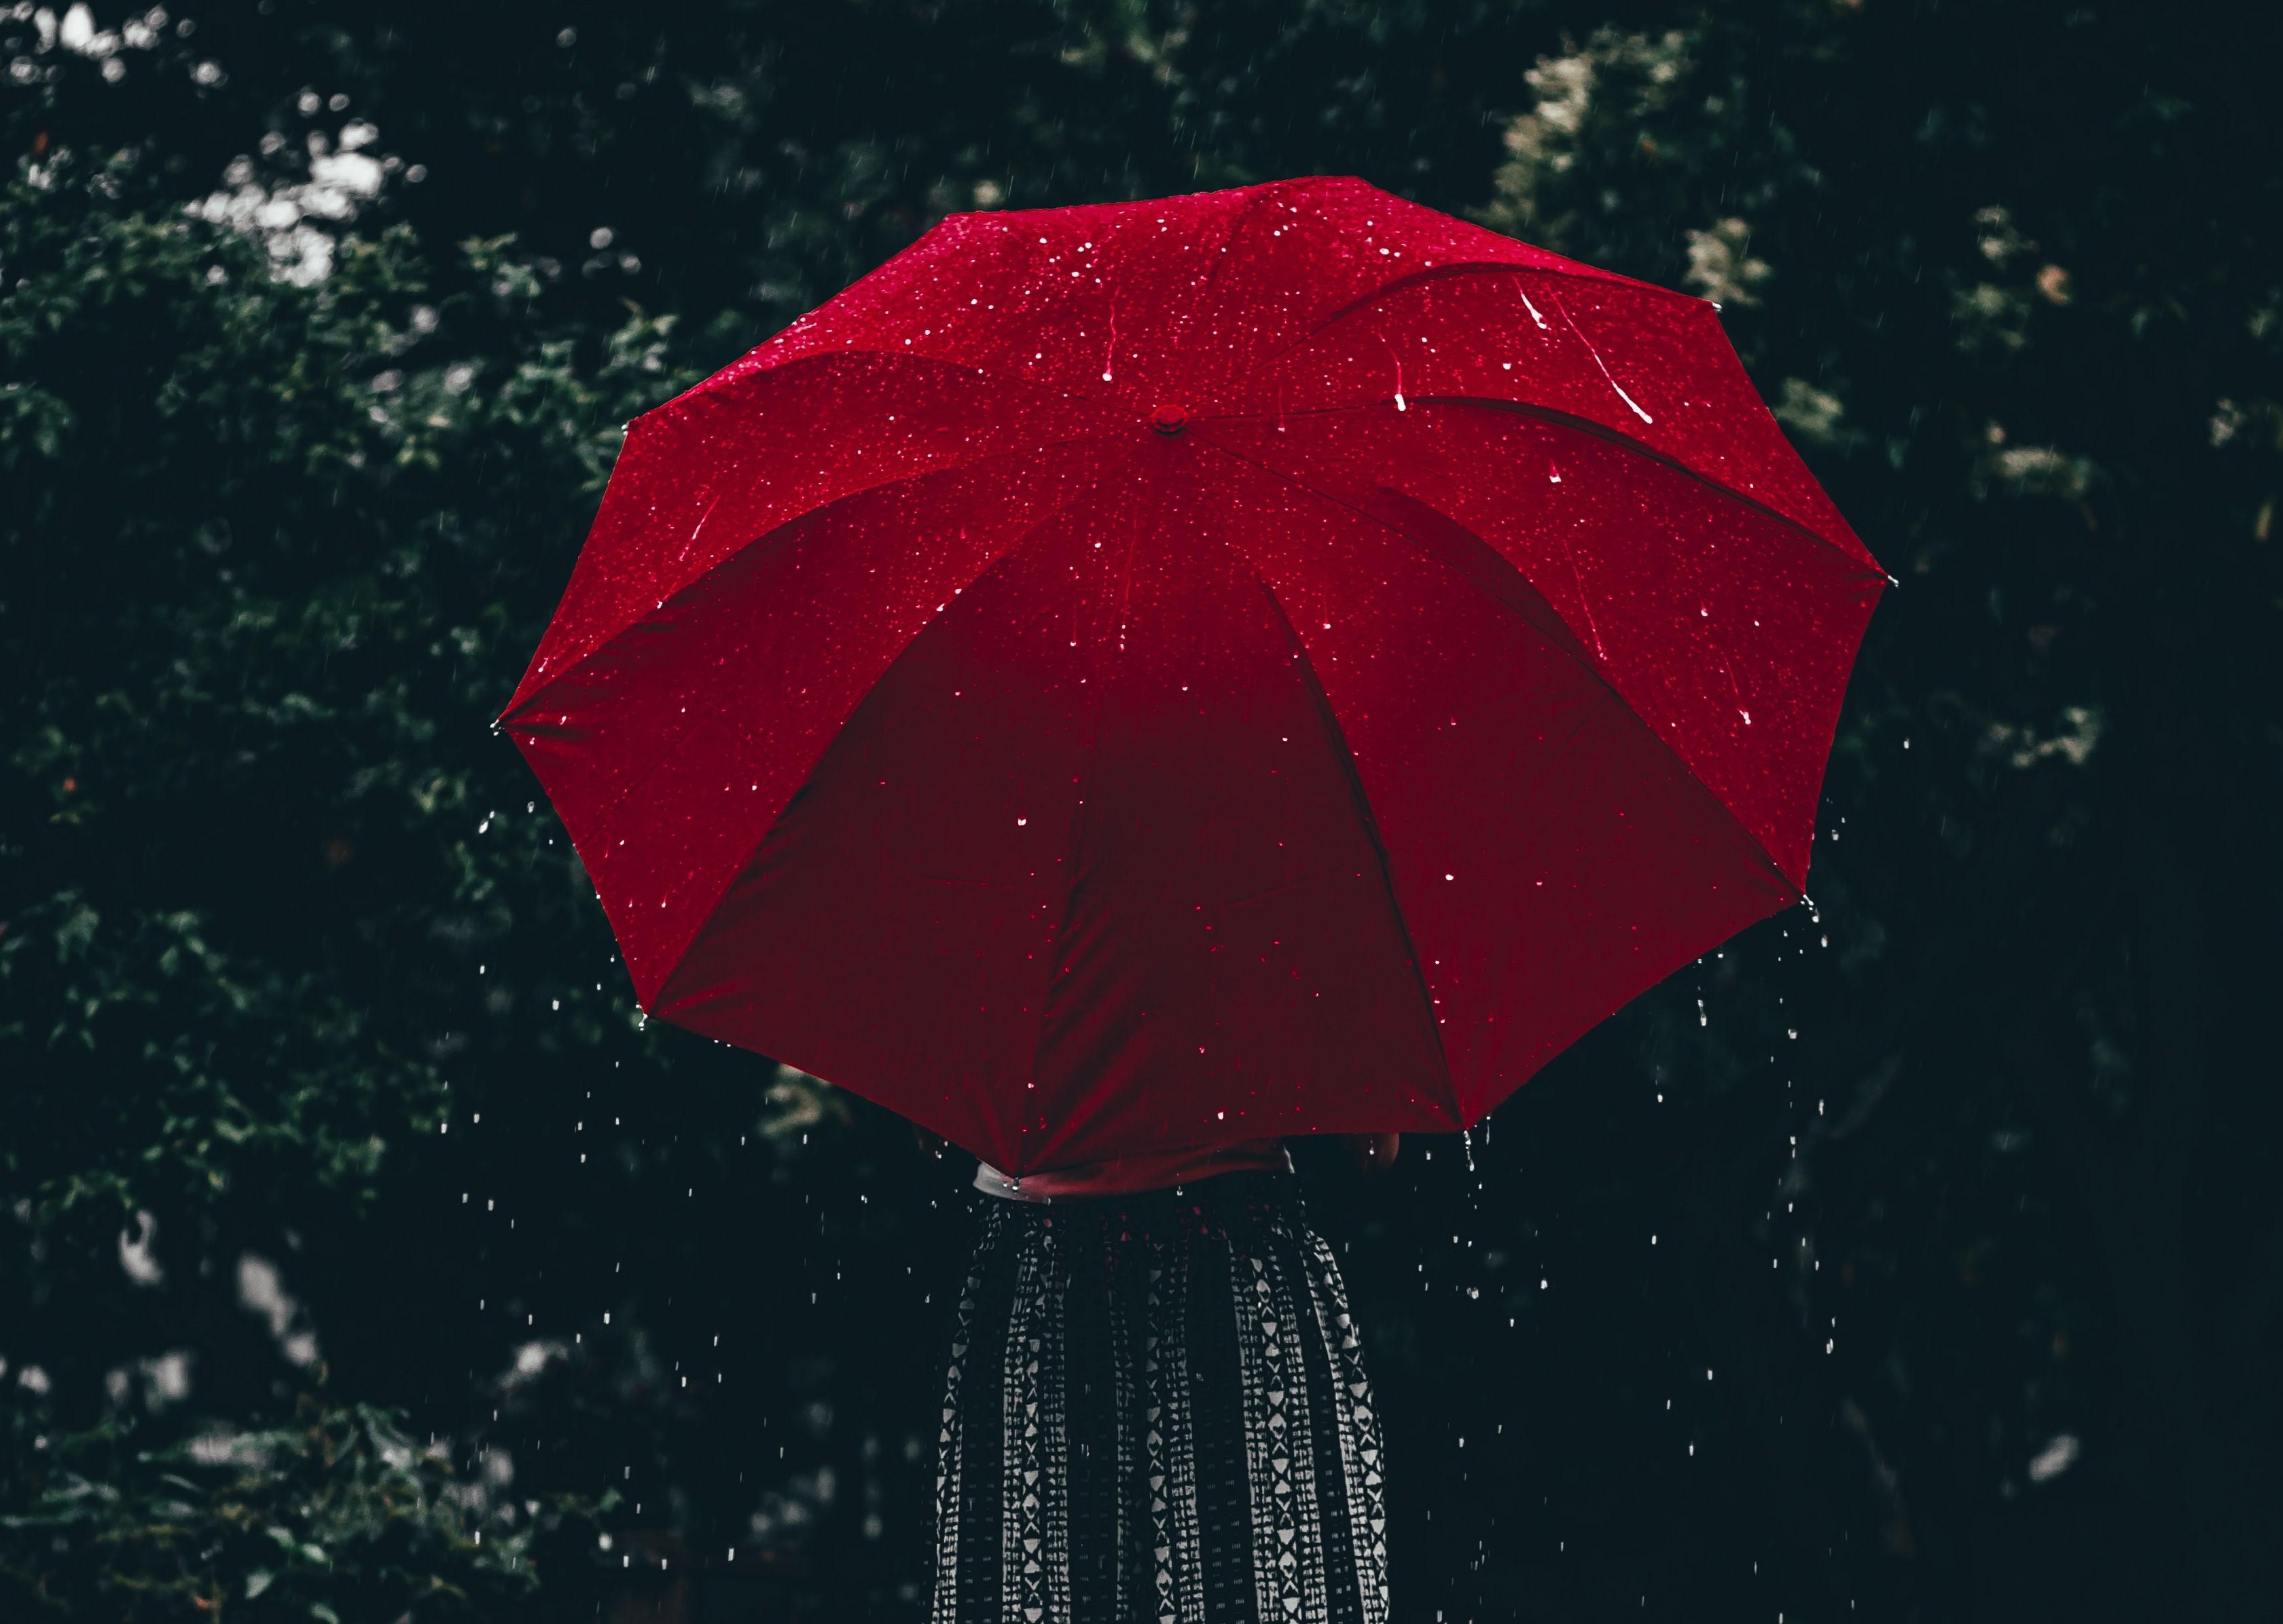 Ilustrasi musim hujan/Pexels/Aline Nadai